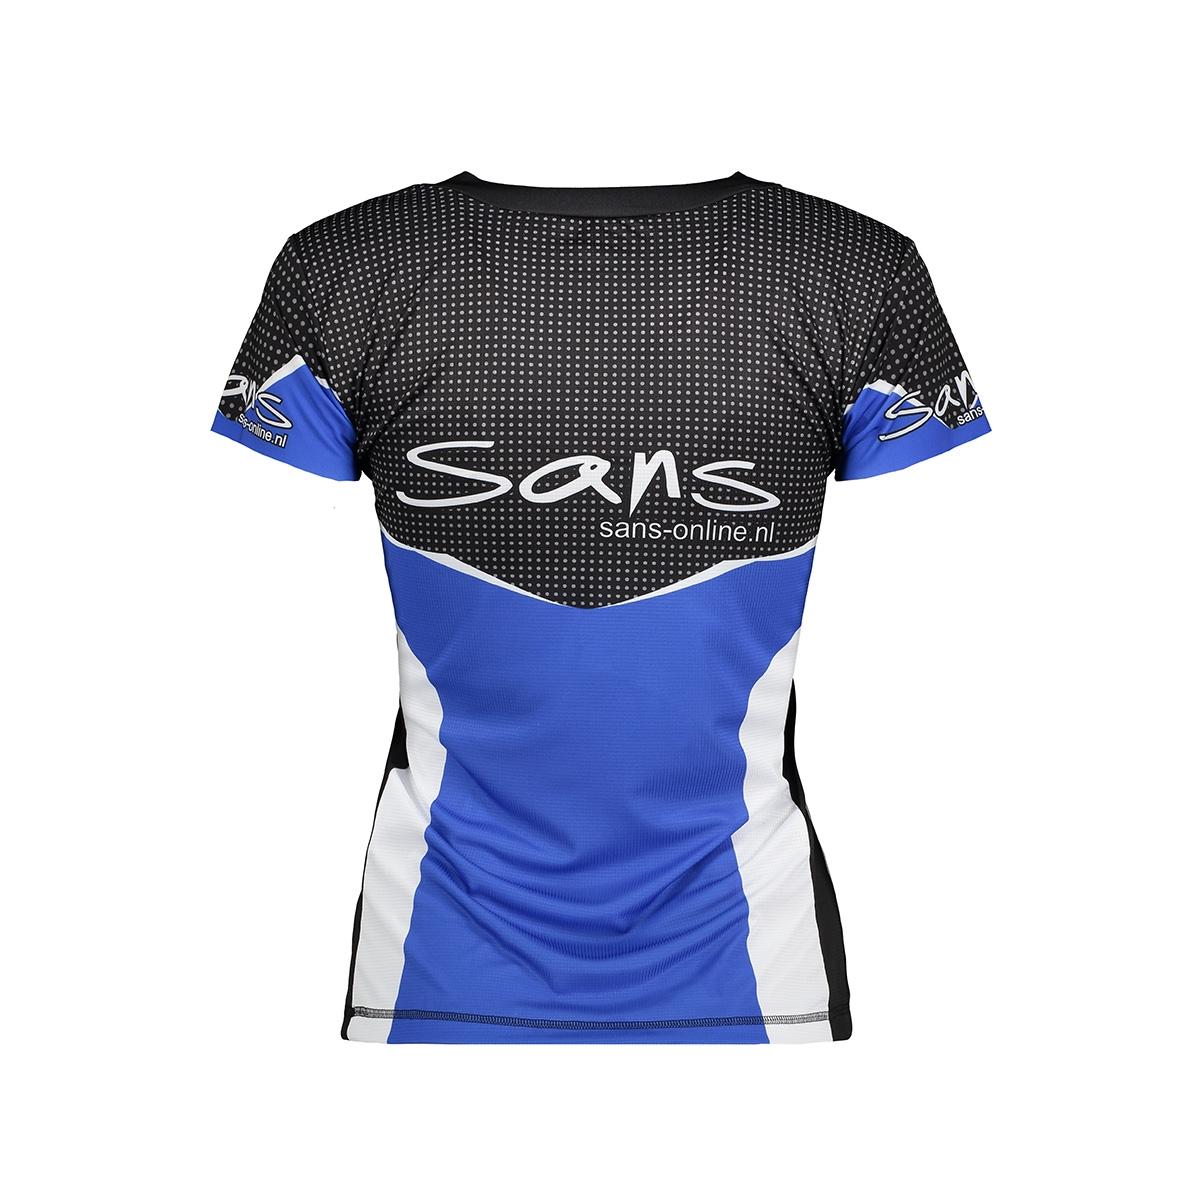 58124d running shirt v sans sport shirt blauw wit